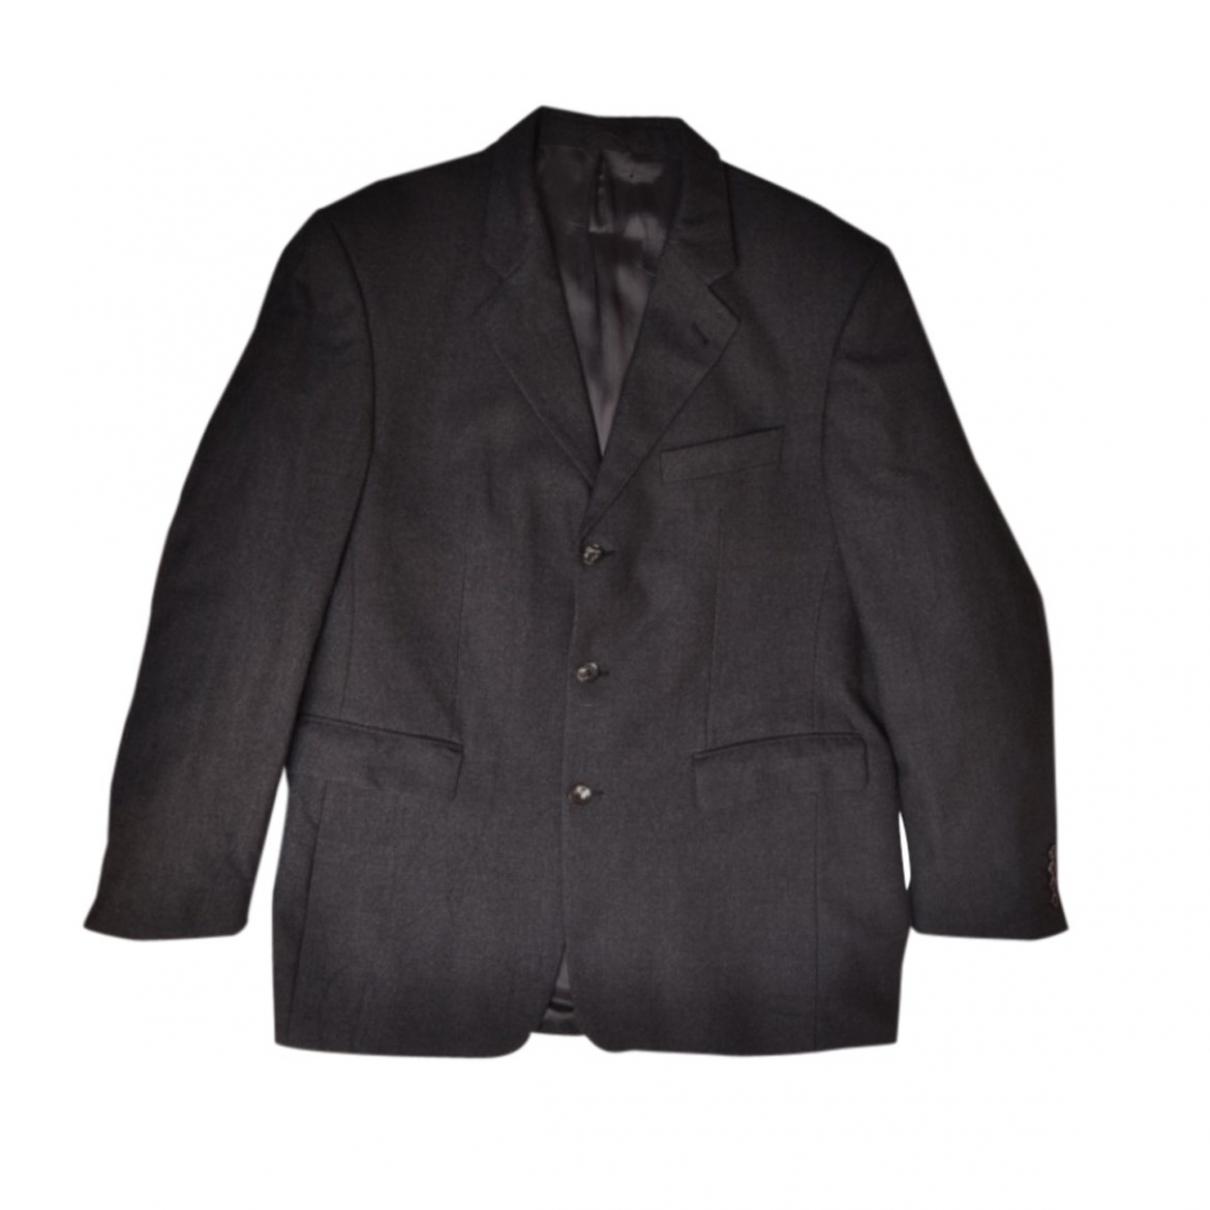 Cerruti - Vestes.Blousons   pour homme en laine - noir